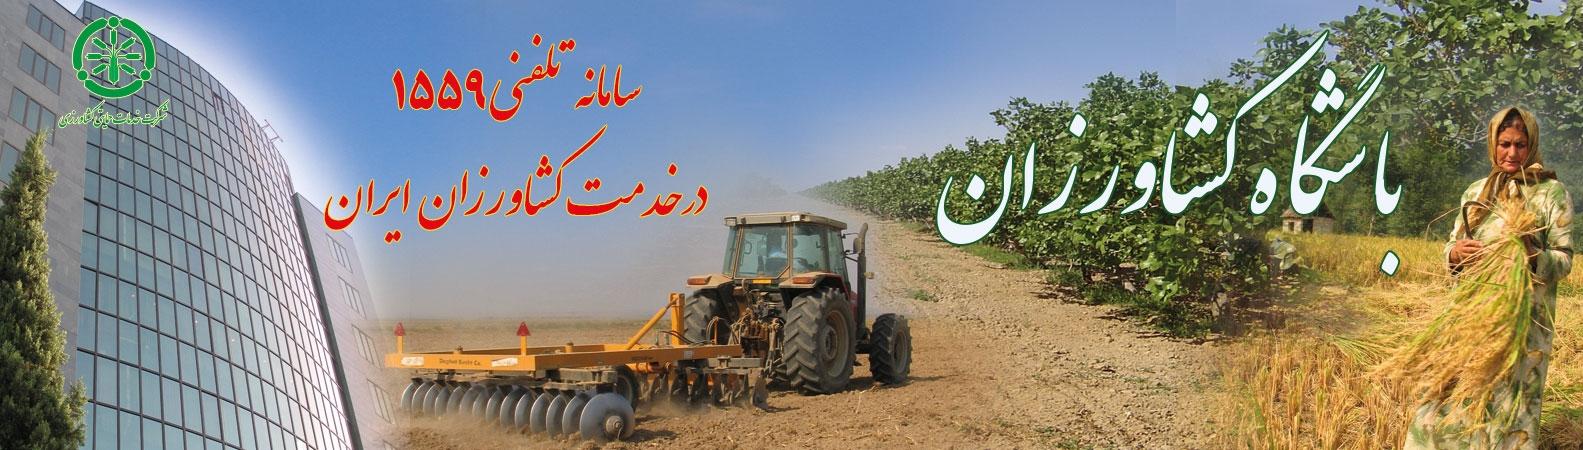 سامانه تلفنی 1559 در خدمت کشاورزان ایران